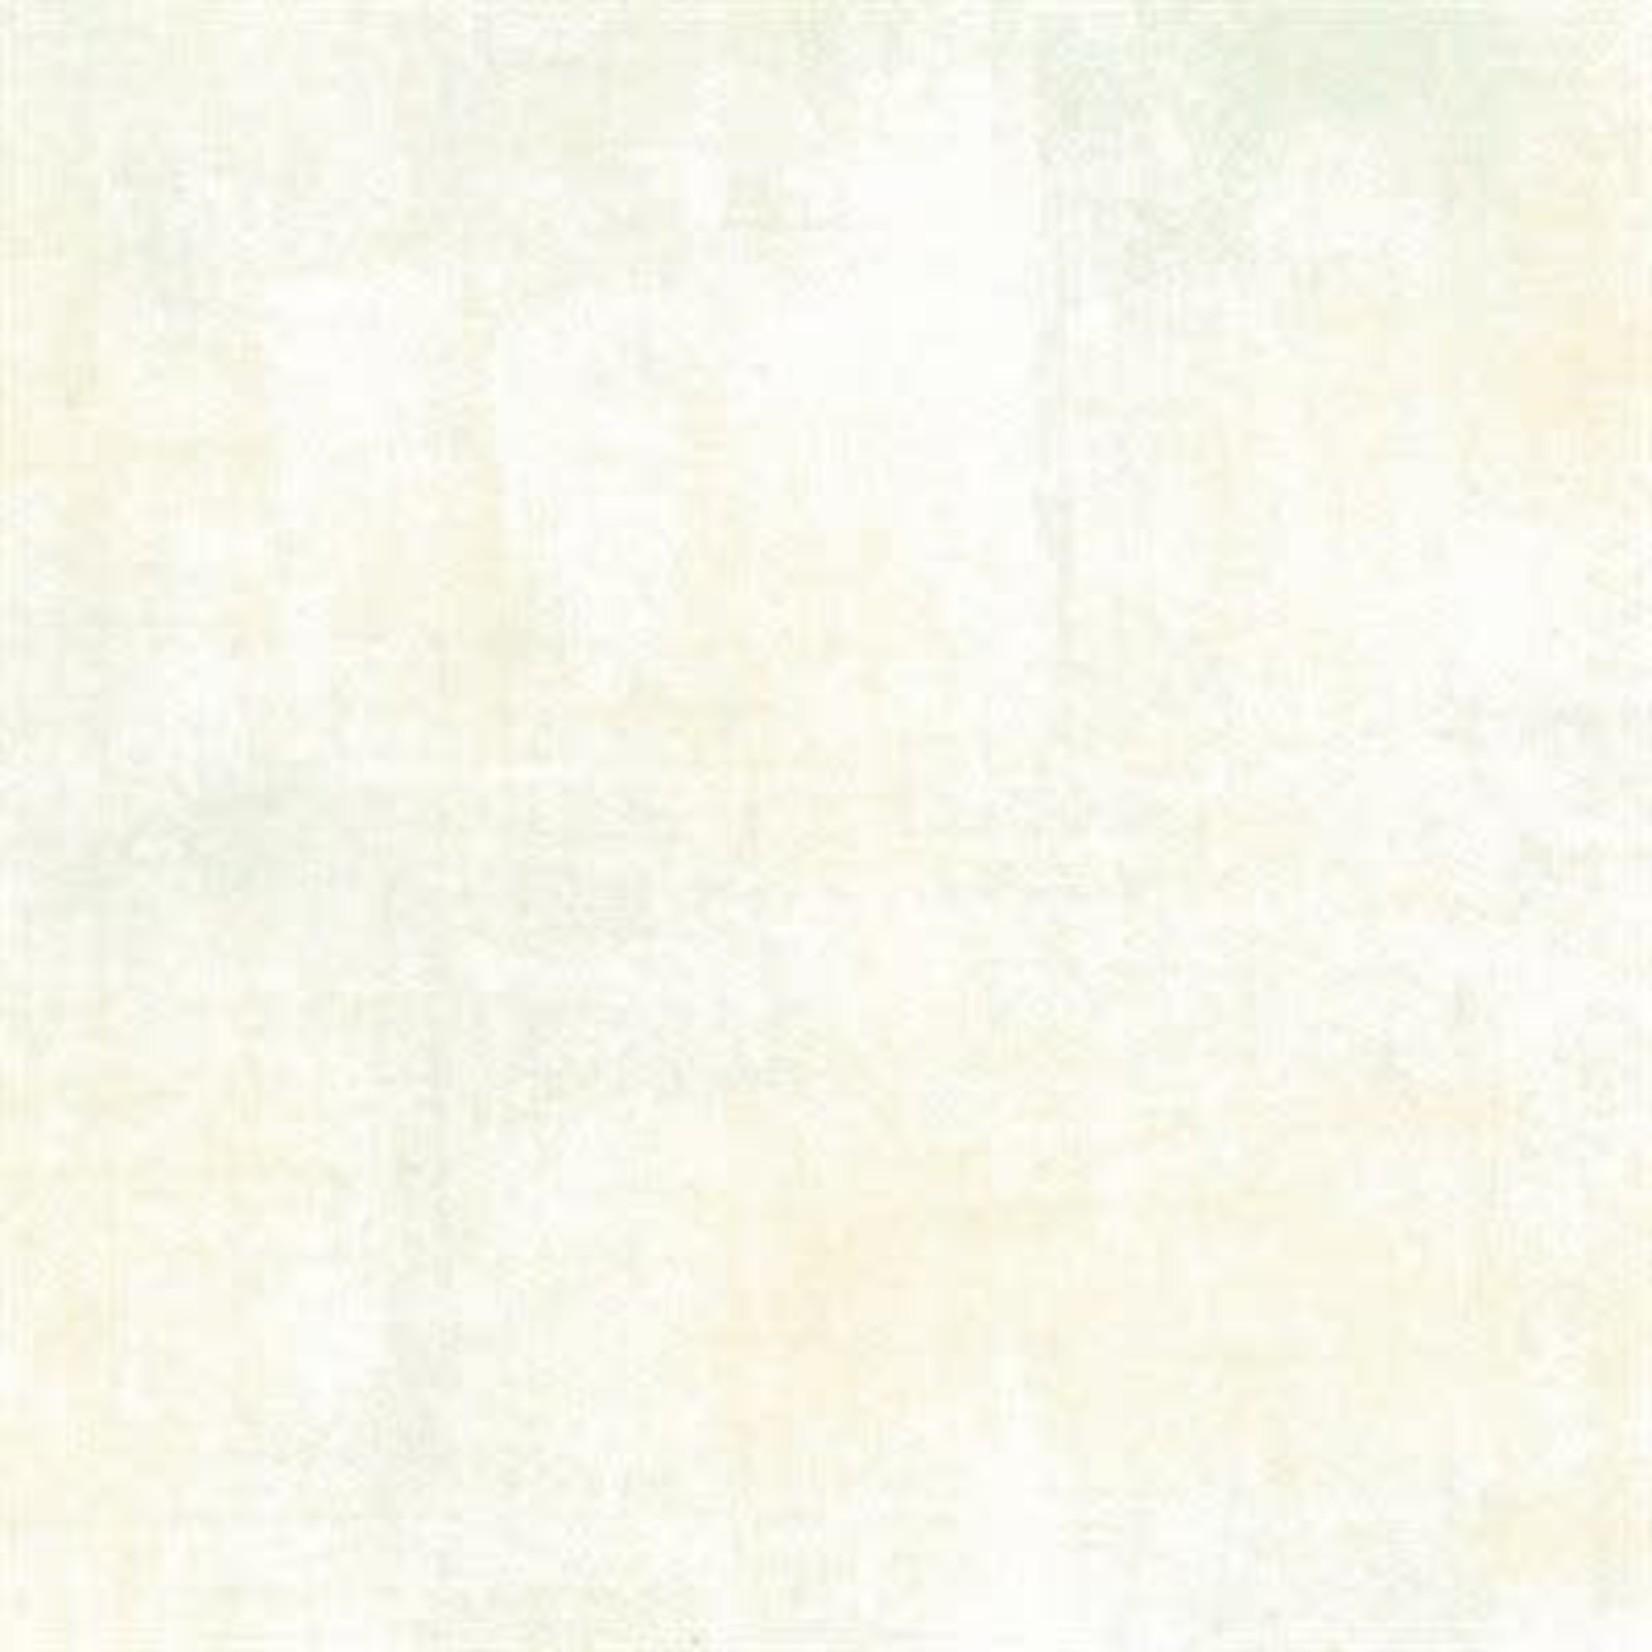 Moda Grunge Basics Grunge - Sugar Cookies per cm or $20/m